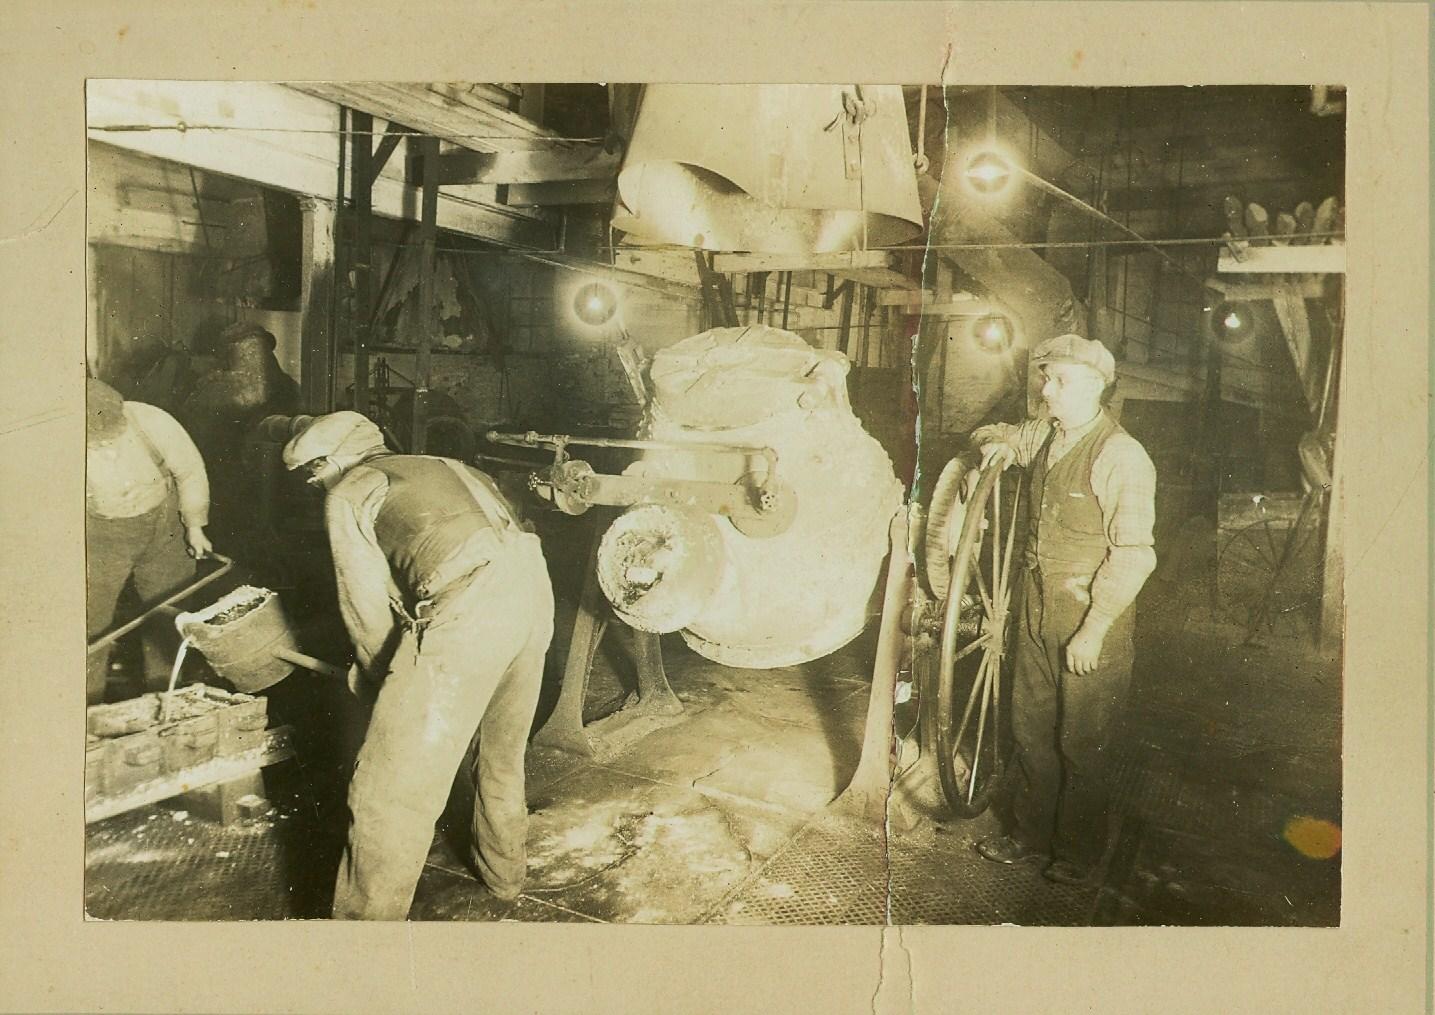 Silver Refinery - 1920s